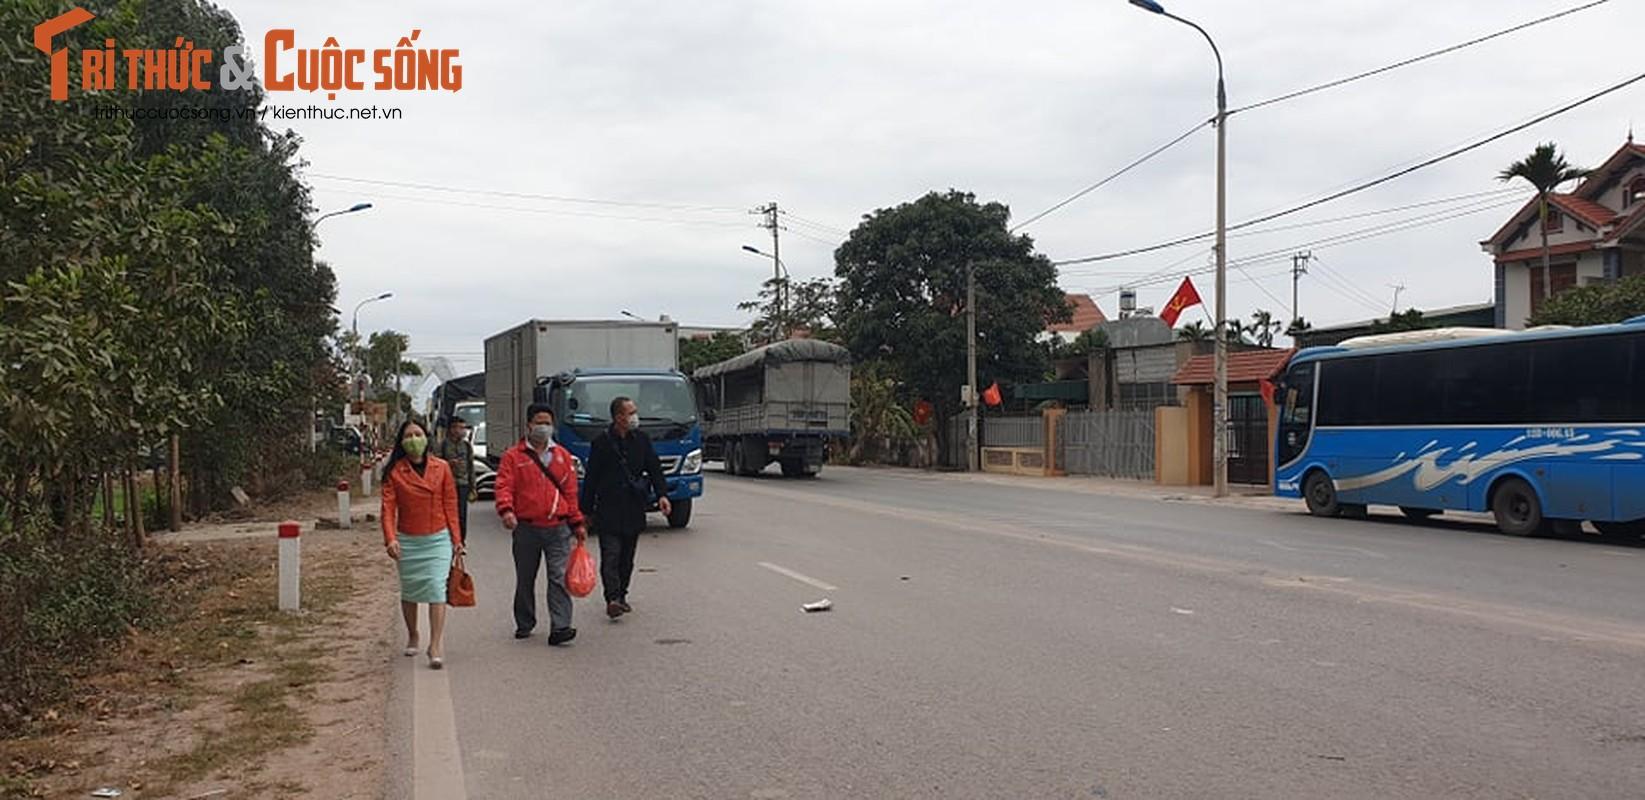 Quang Ninh lap chot kiem dich COVID-19, Quoc lo 18 un u keo dai-Hinh-8